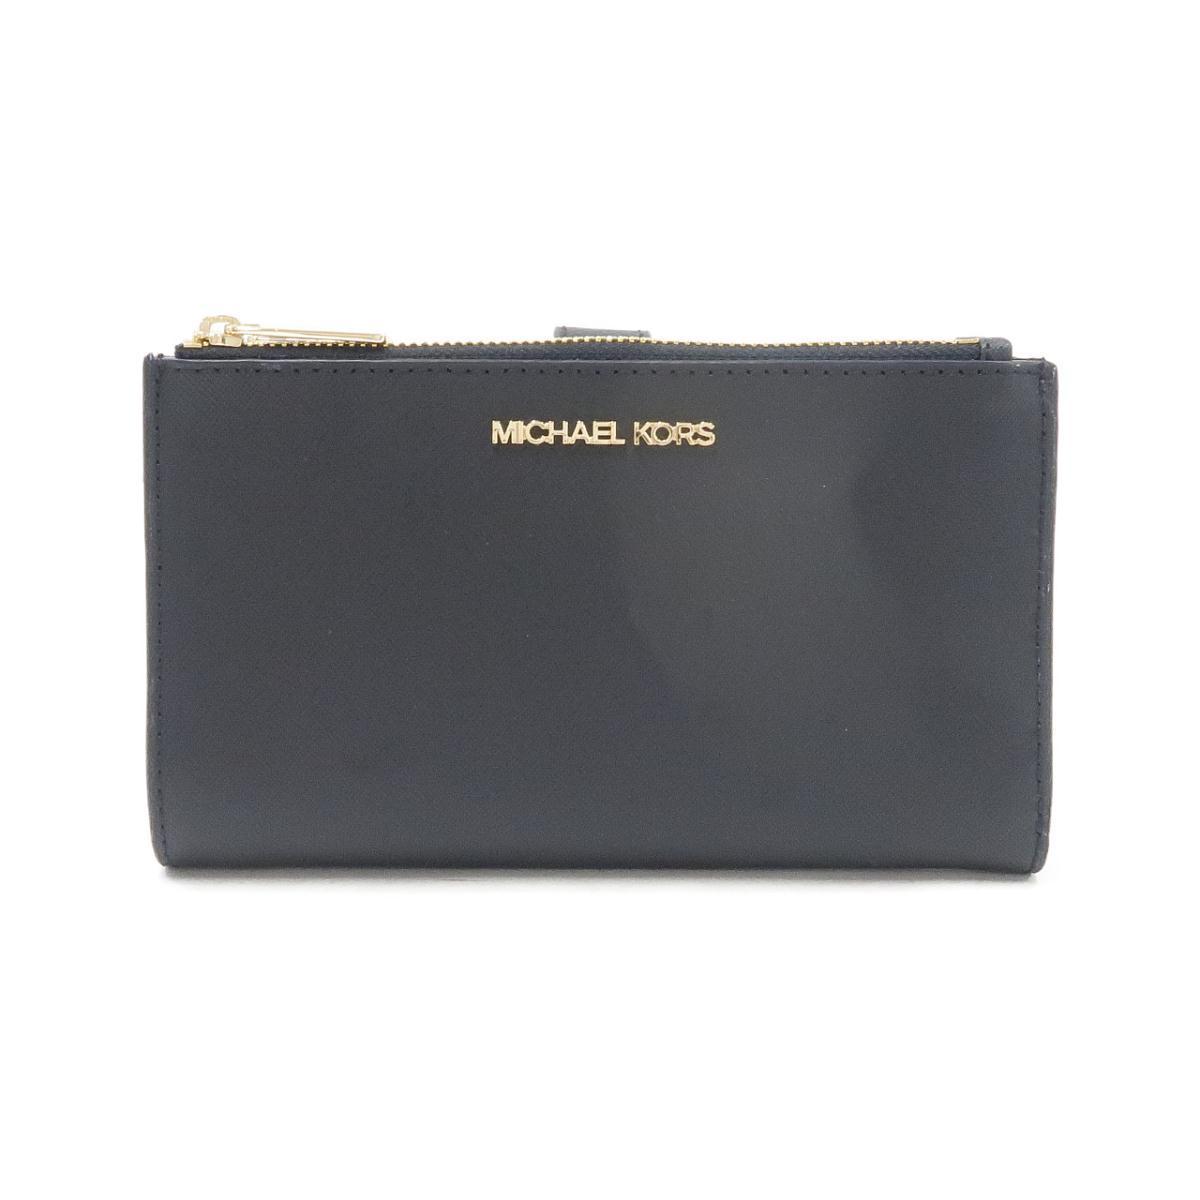 新品 マイケルマイケルコース 財布 未使用 海外 35F8GTVW0L